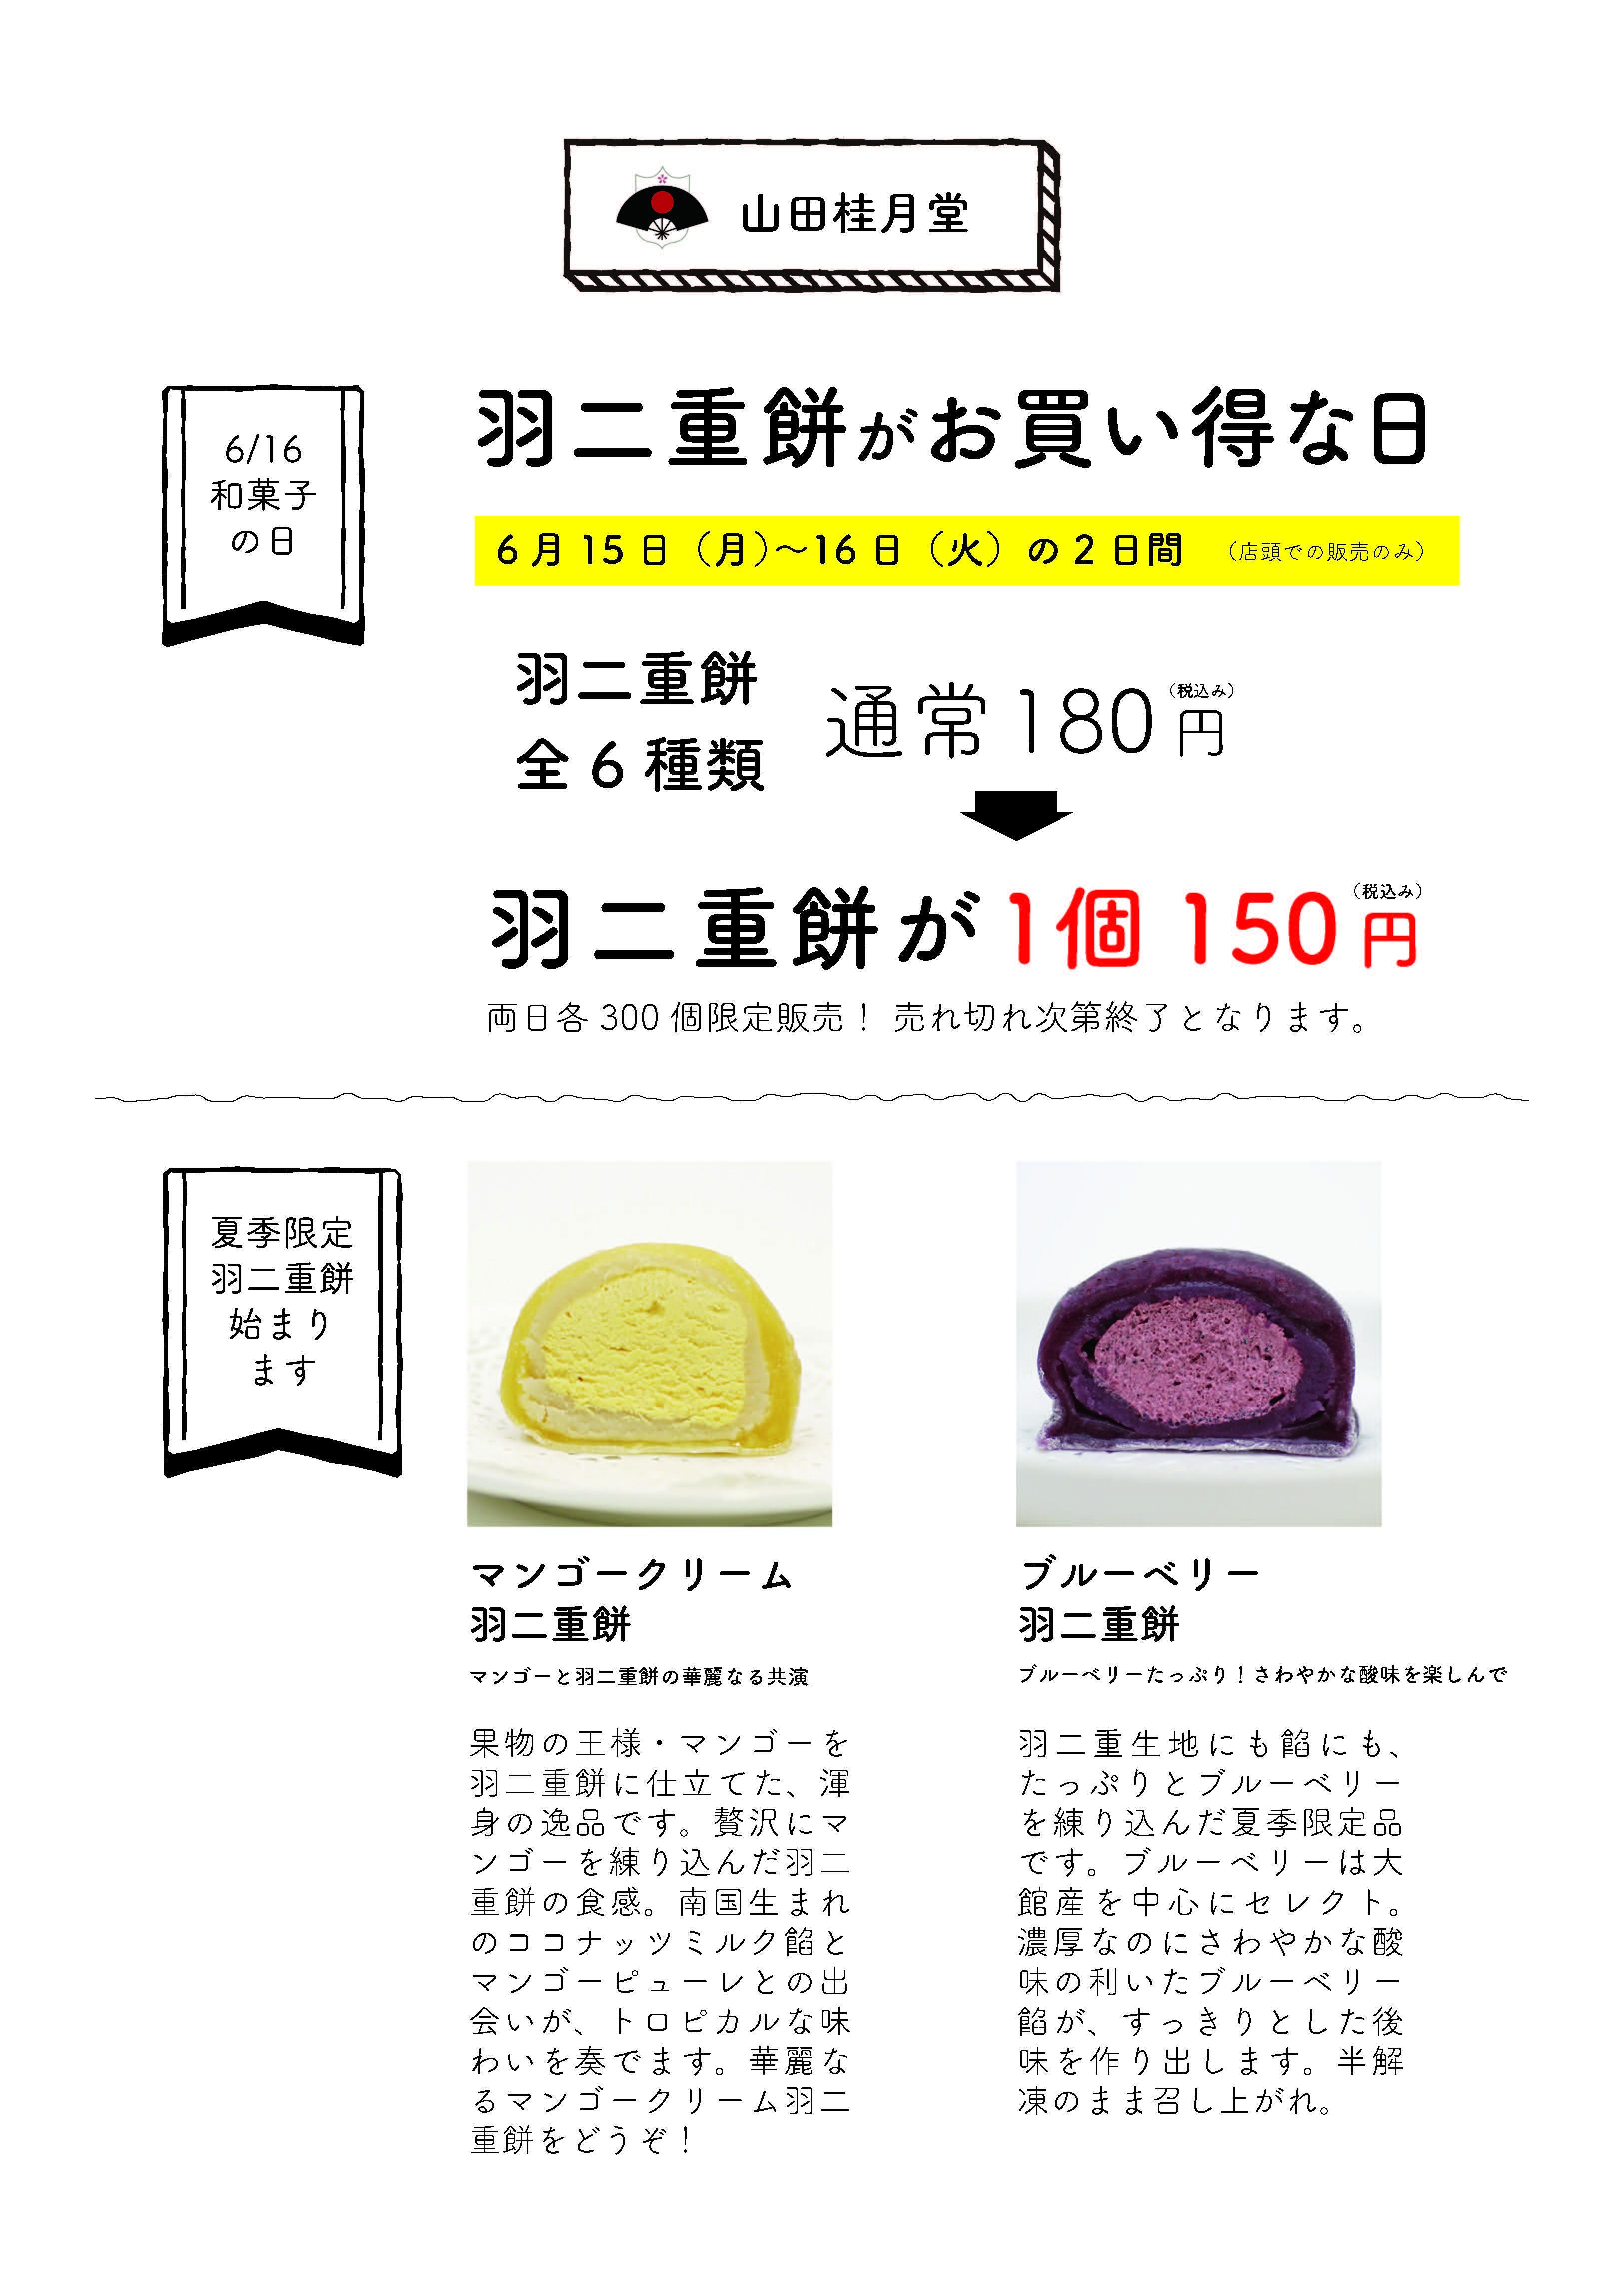 【2020年6月16 和菓子の日】今年も羽二重餅がお買い得な日